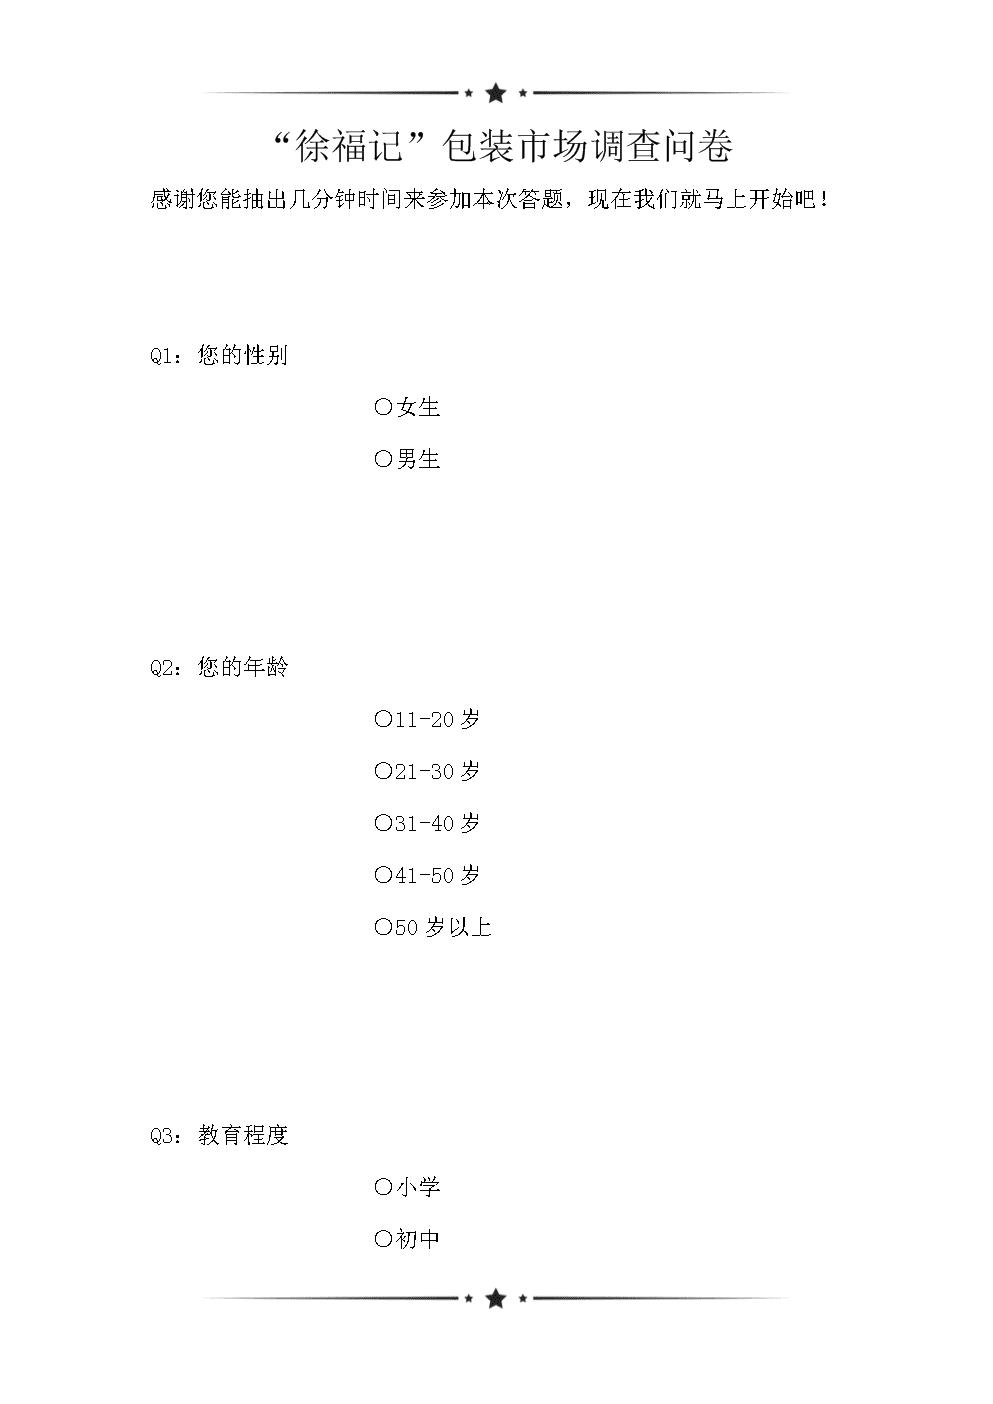 """""""徐福记""""包装市场调查问卷(可编辑).doc"""